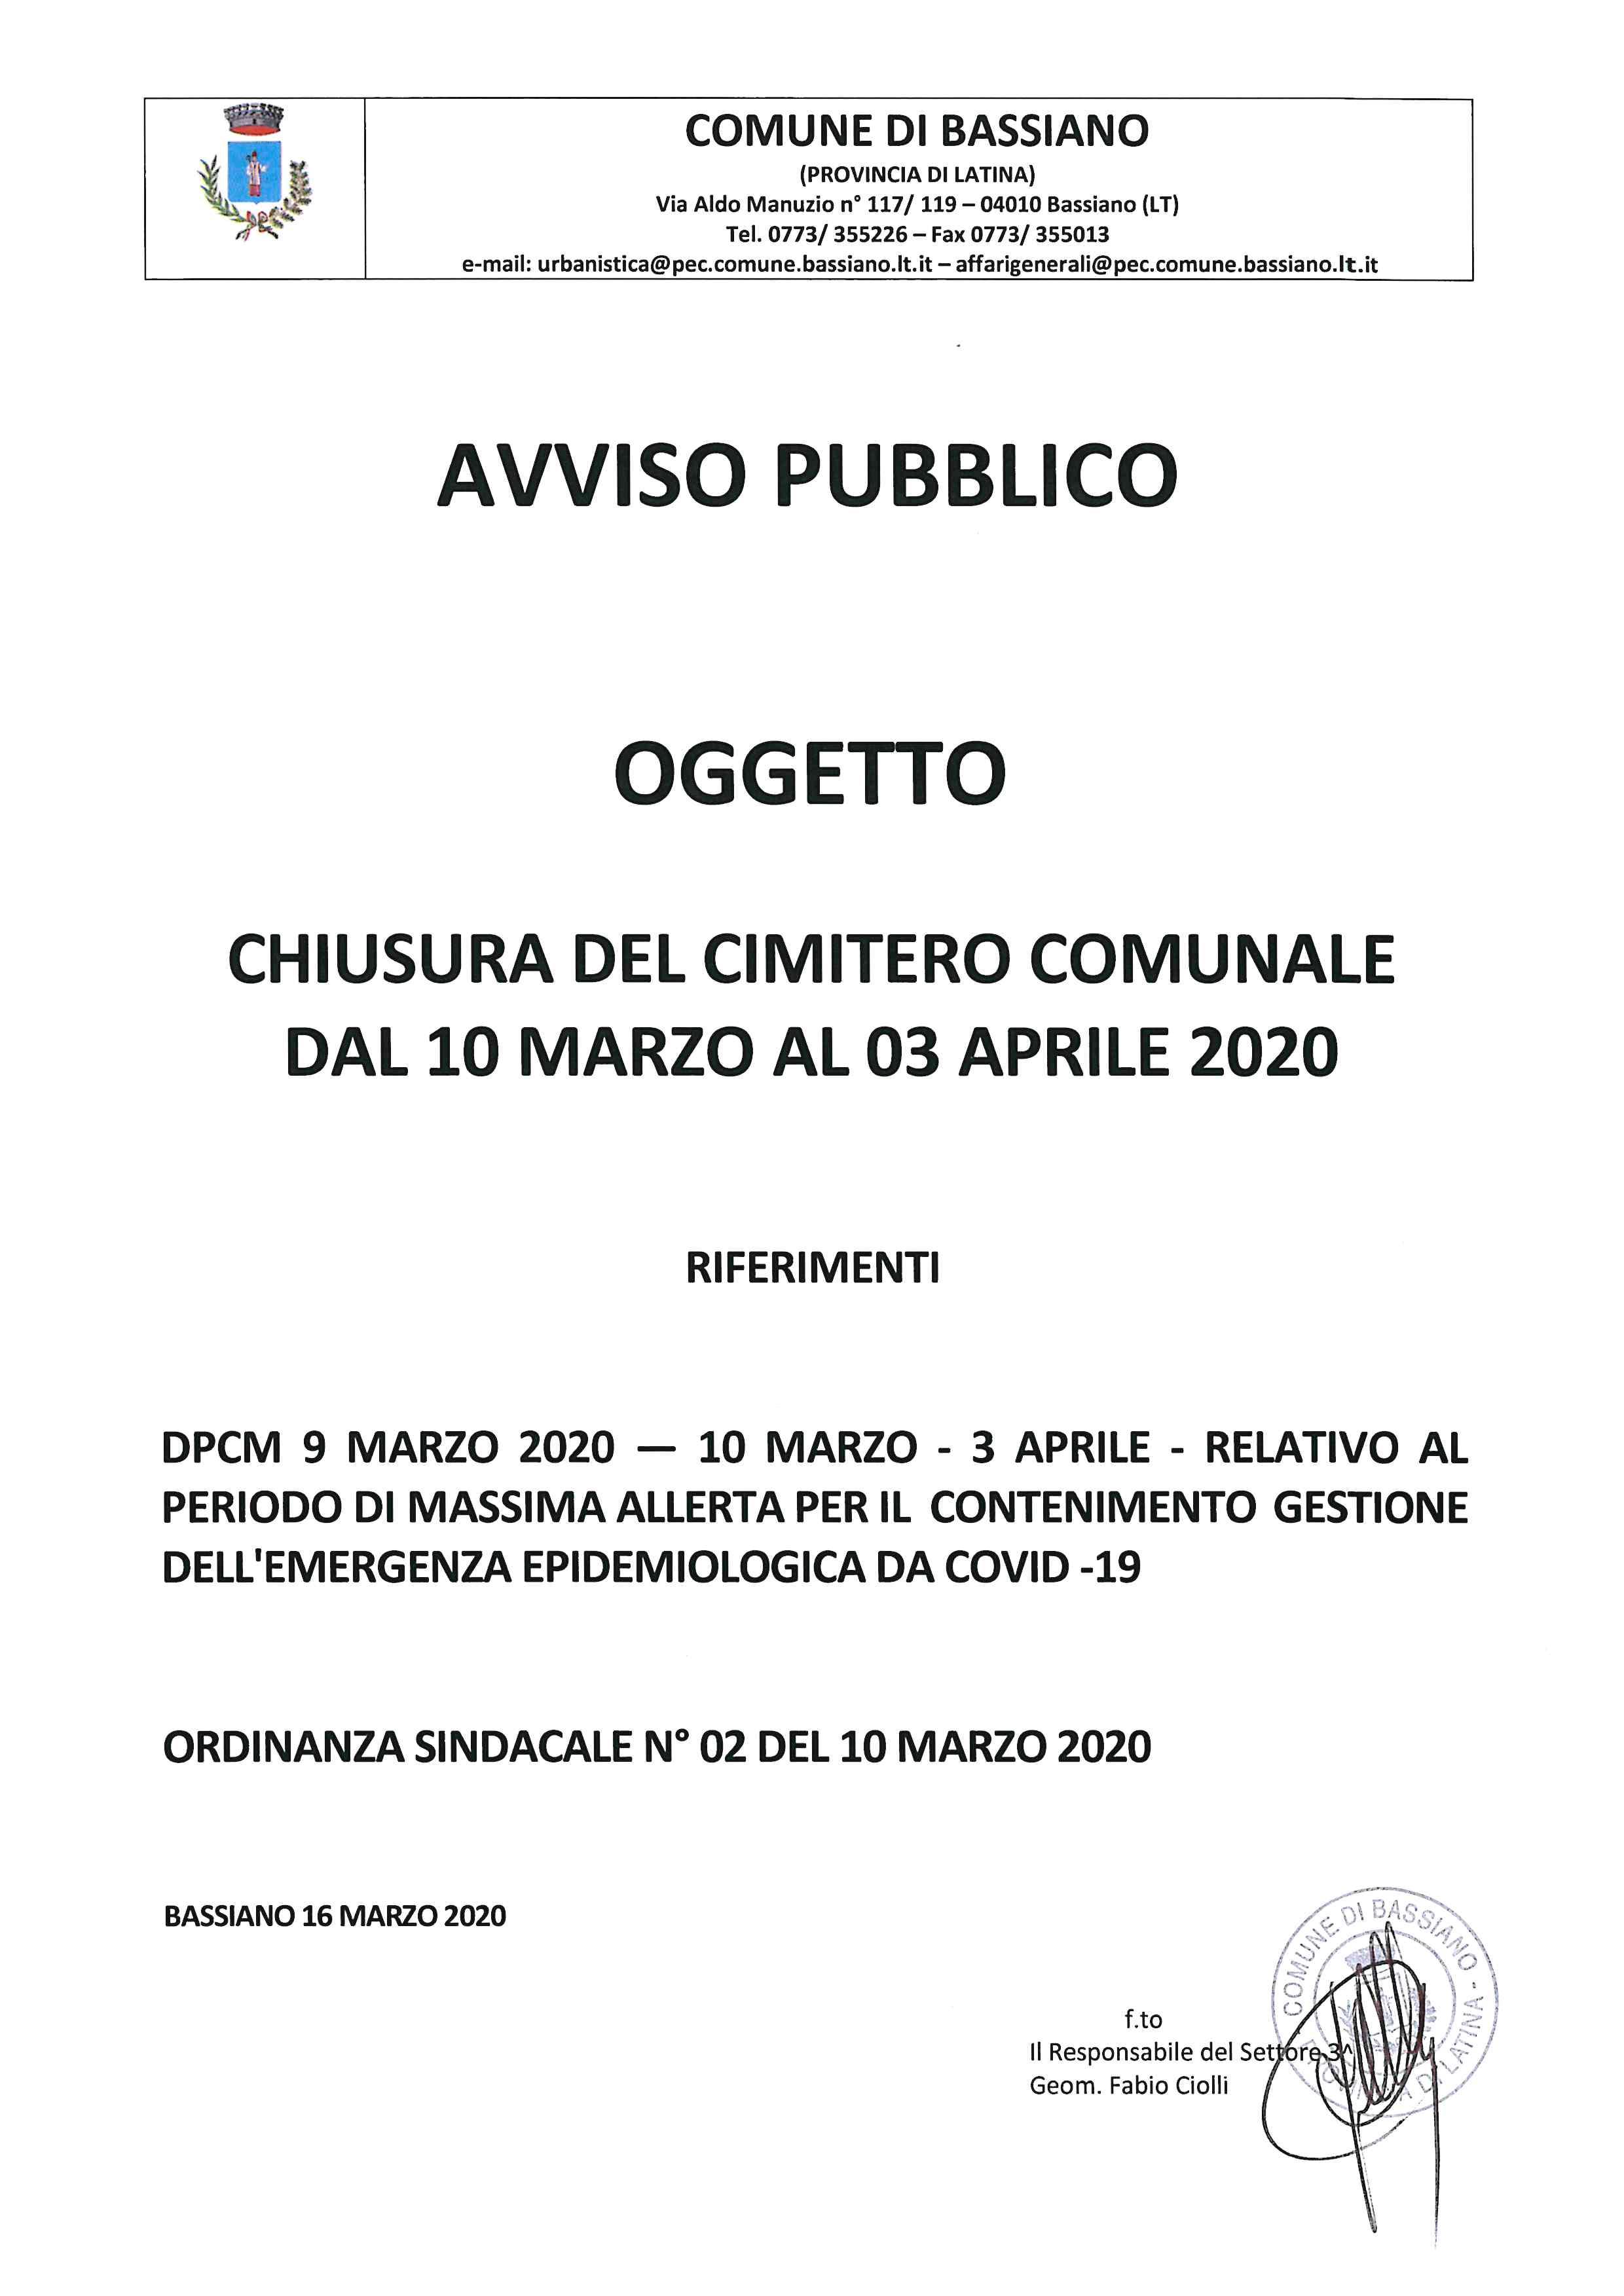 AVVISO PUBBLICO: CHIUSURA DEL CIMITERO COMUNALE DAL 10 MARZO AL 03 APRILE 2020